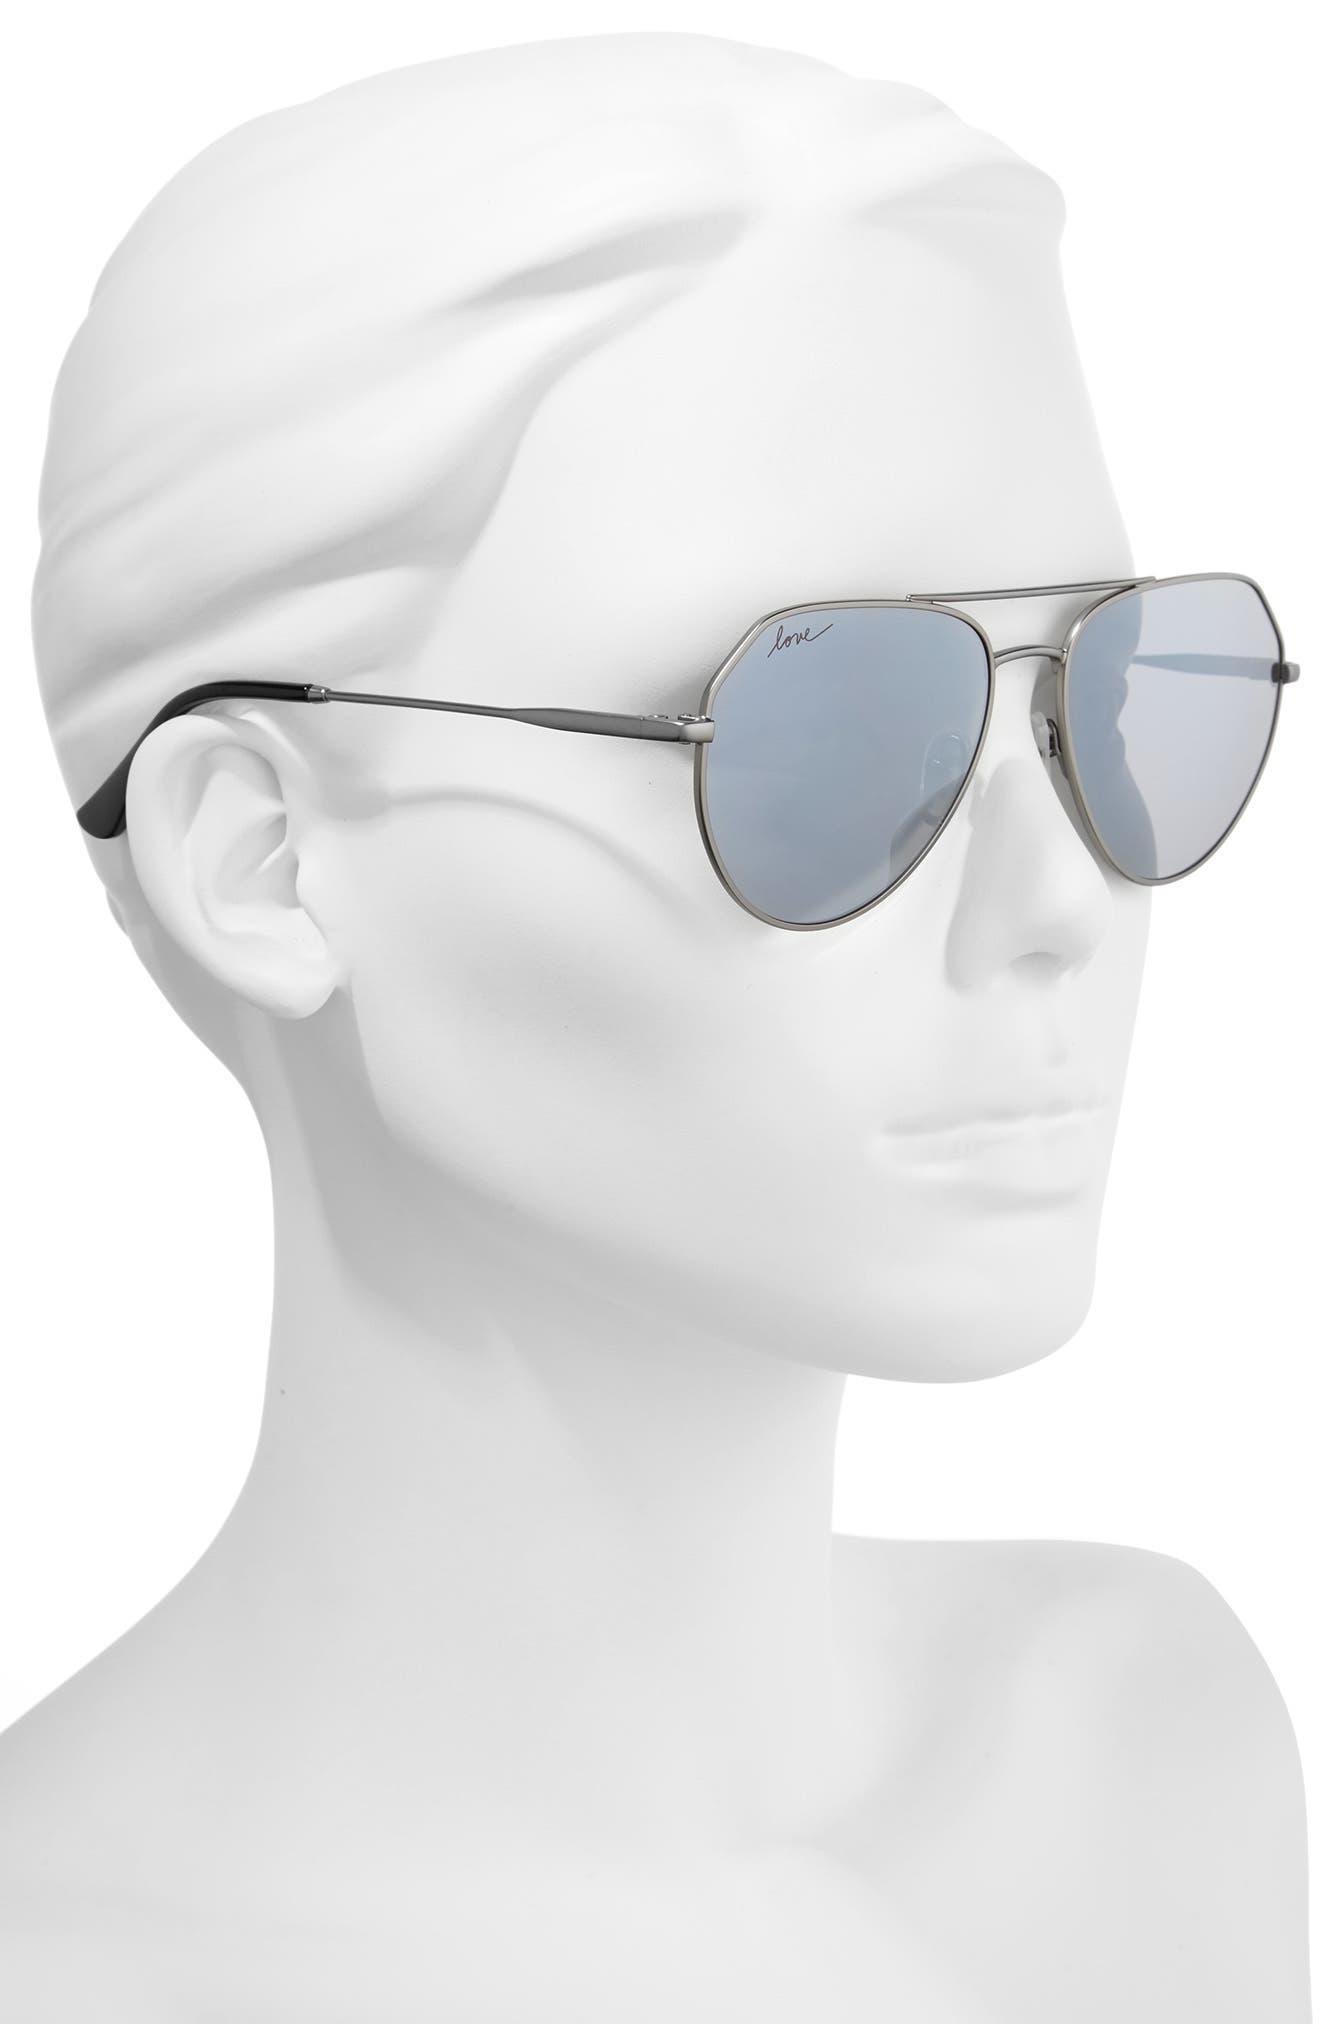 57mm Aviator Sunglasses,                             Alternate thumbnail 2, color,                             GUN METAL